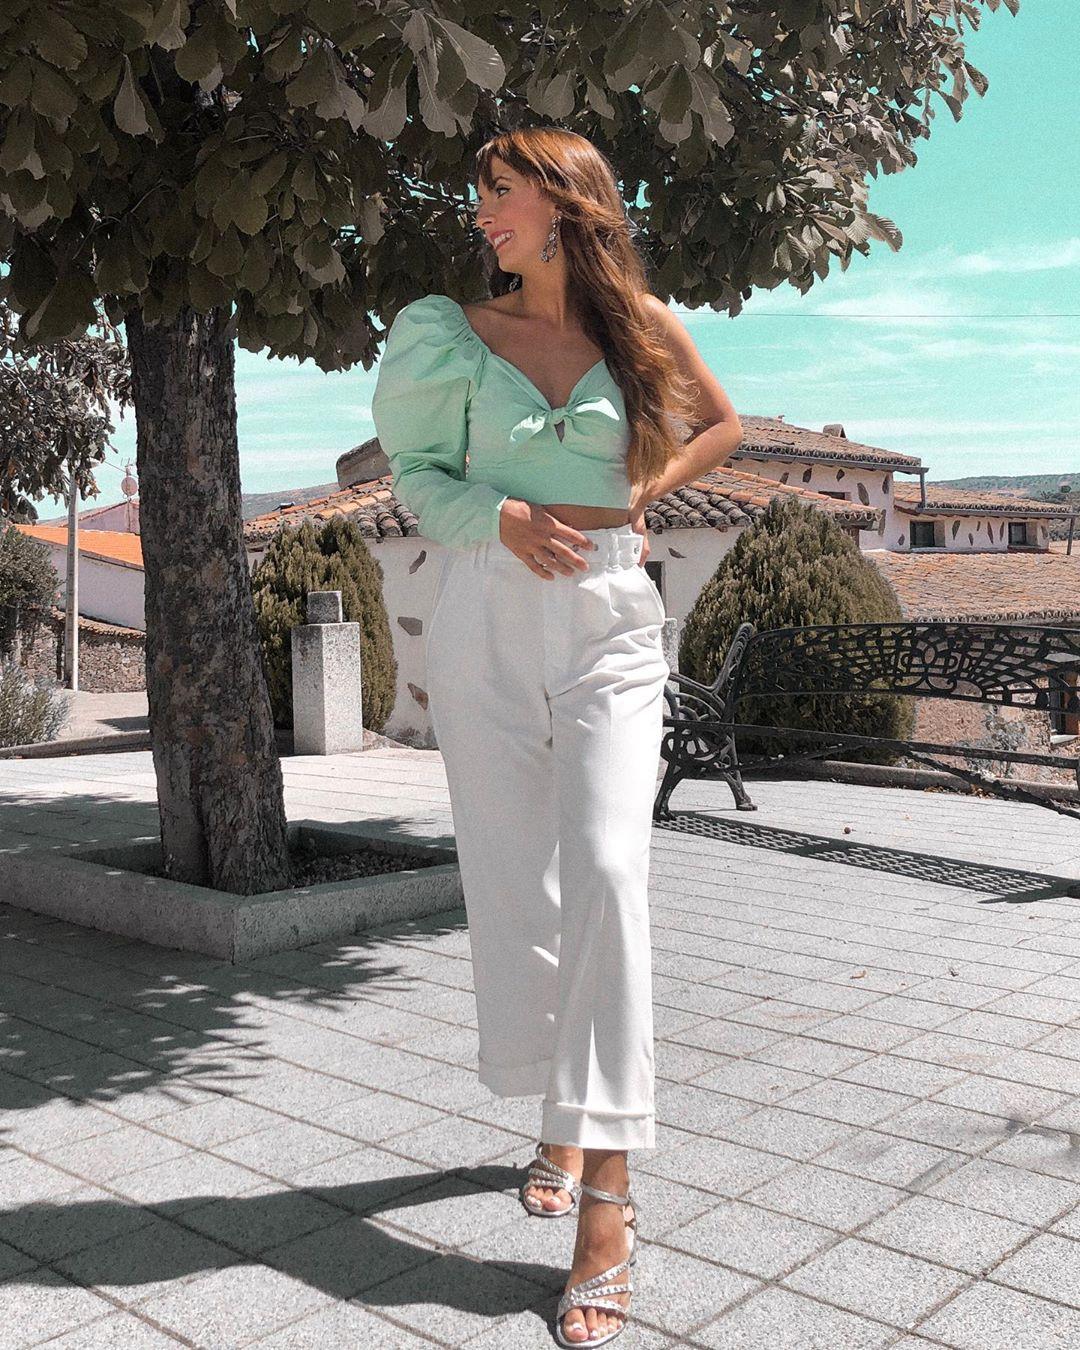 limited edition puff sleeve top de Zara sur veronicacasero